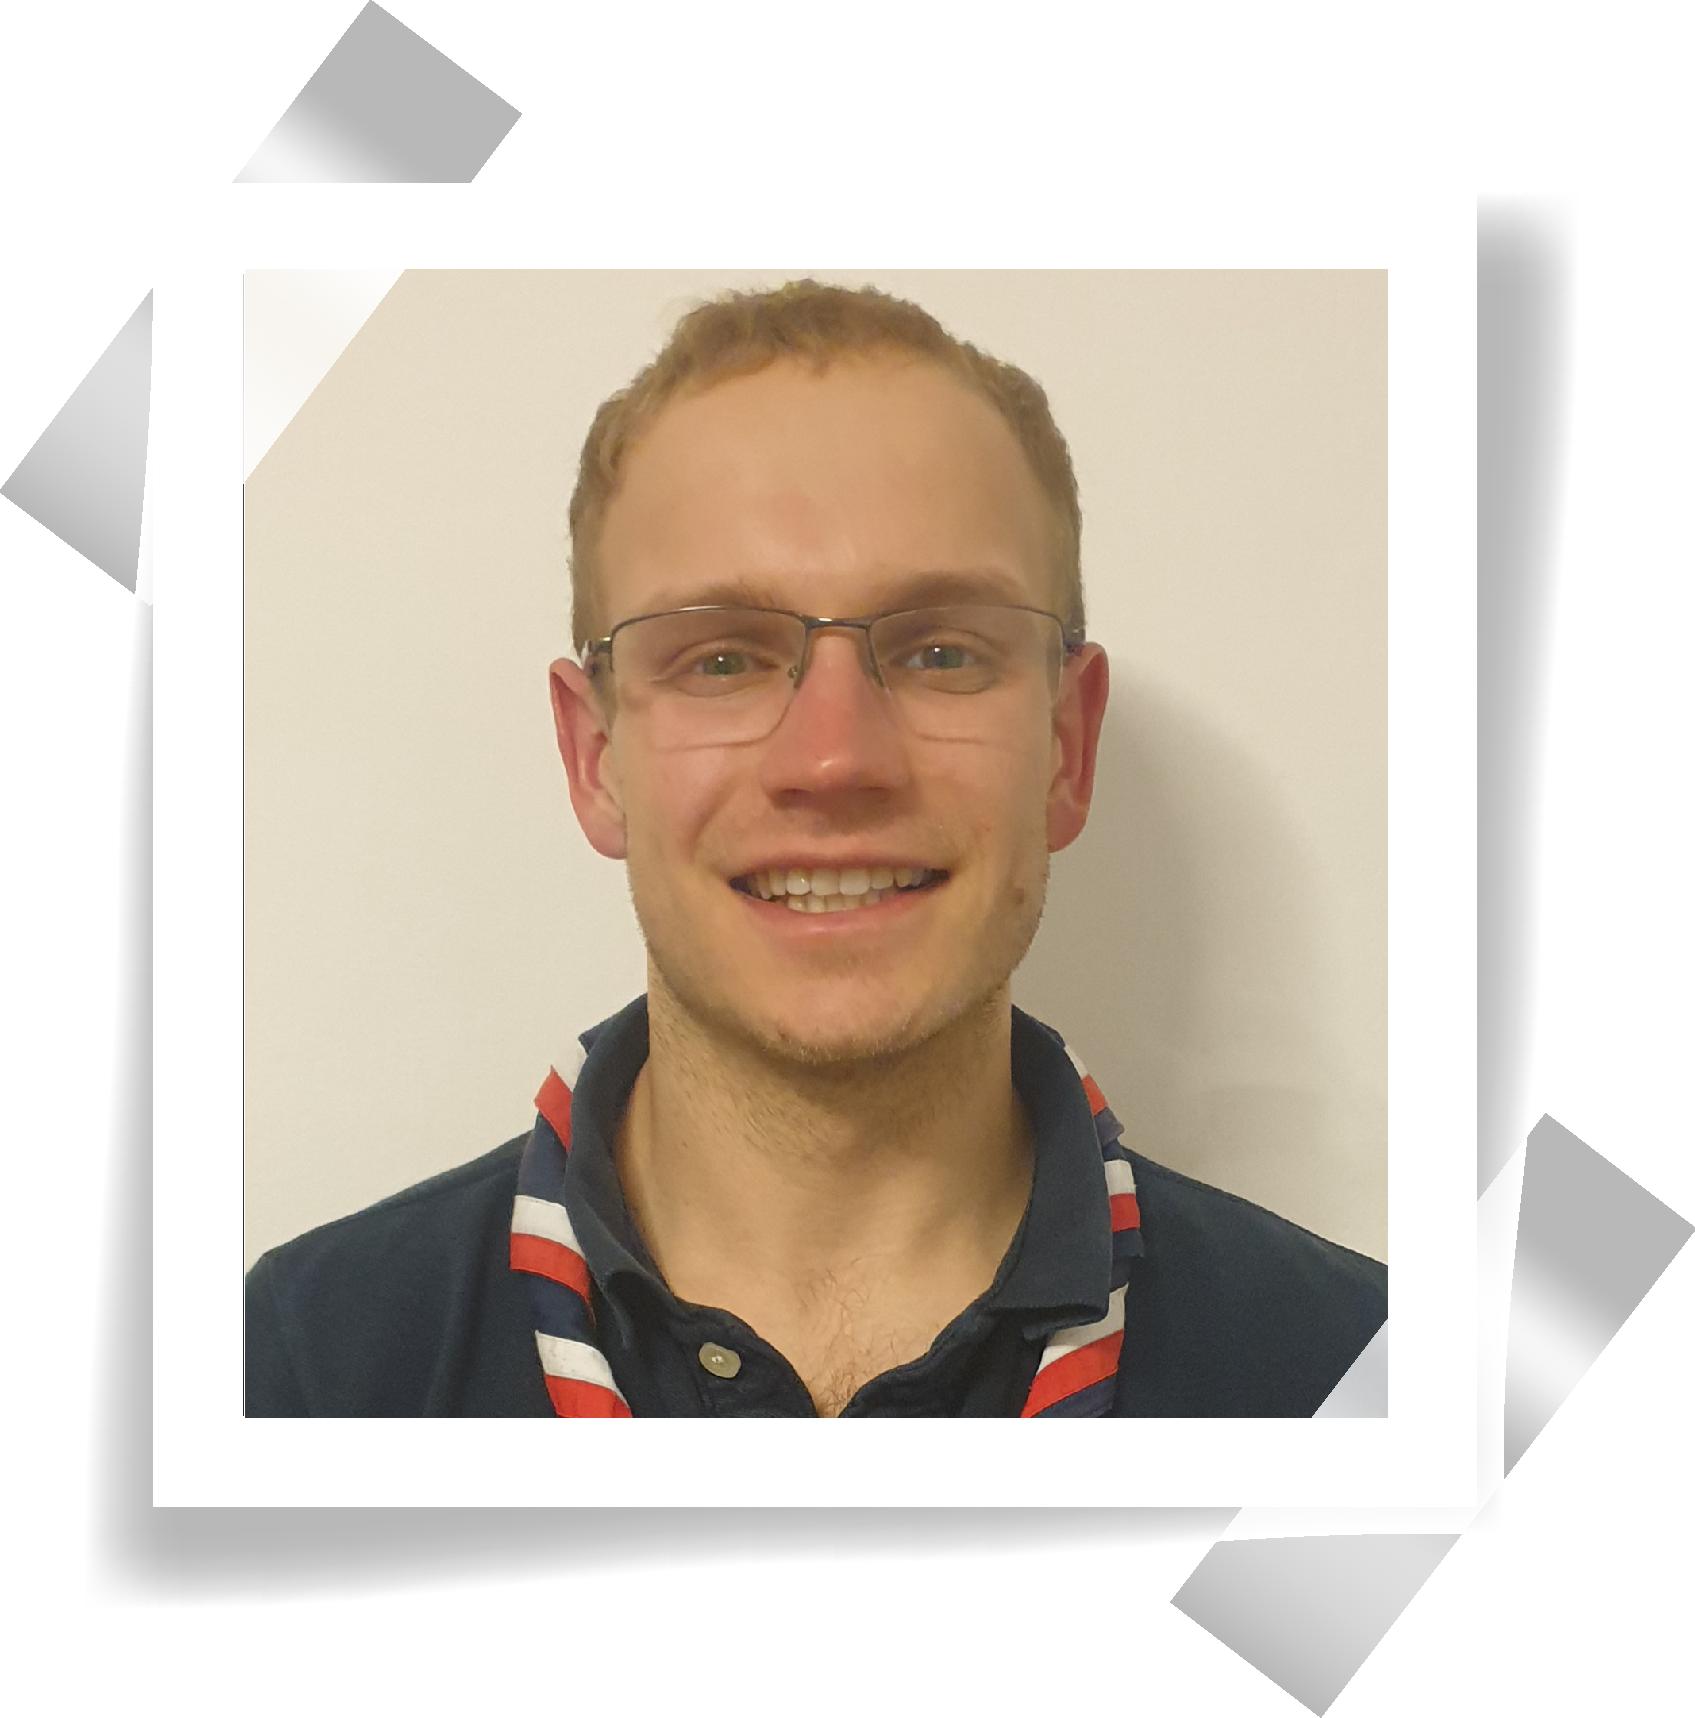 A polaroid of UK Explorer Adviser, Jonathan.